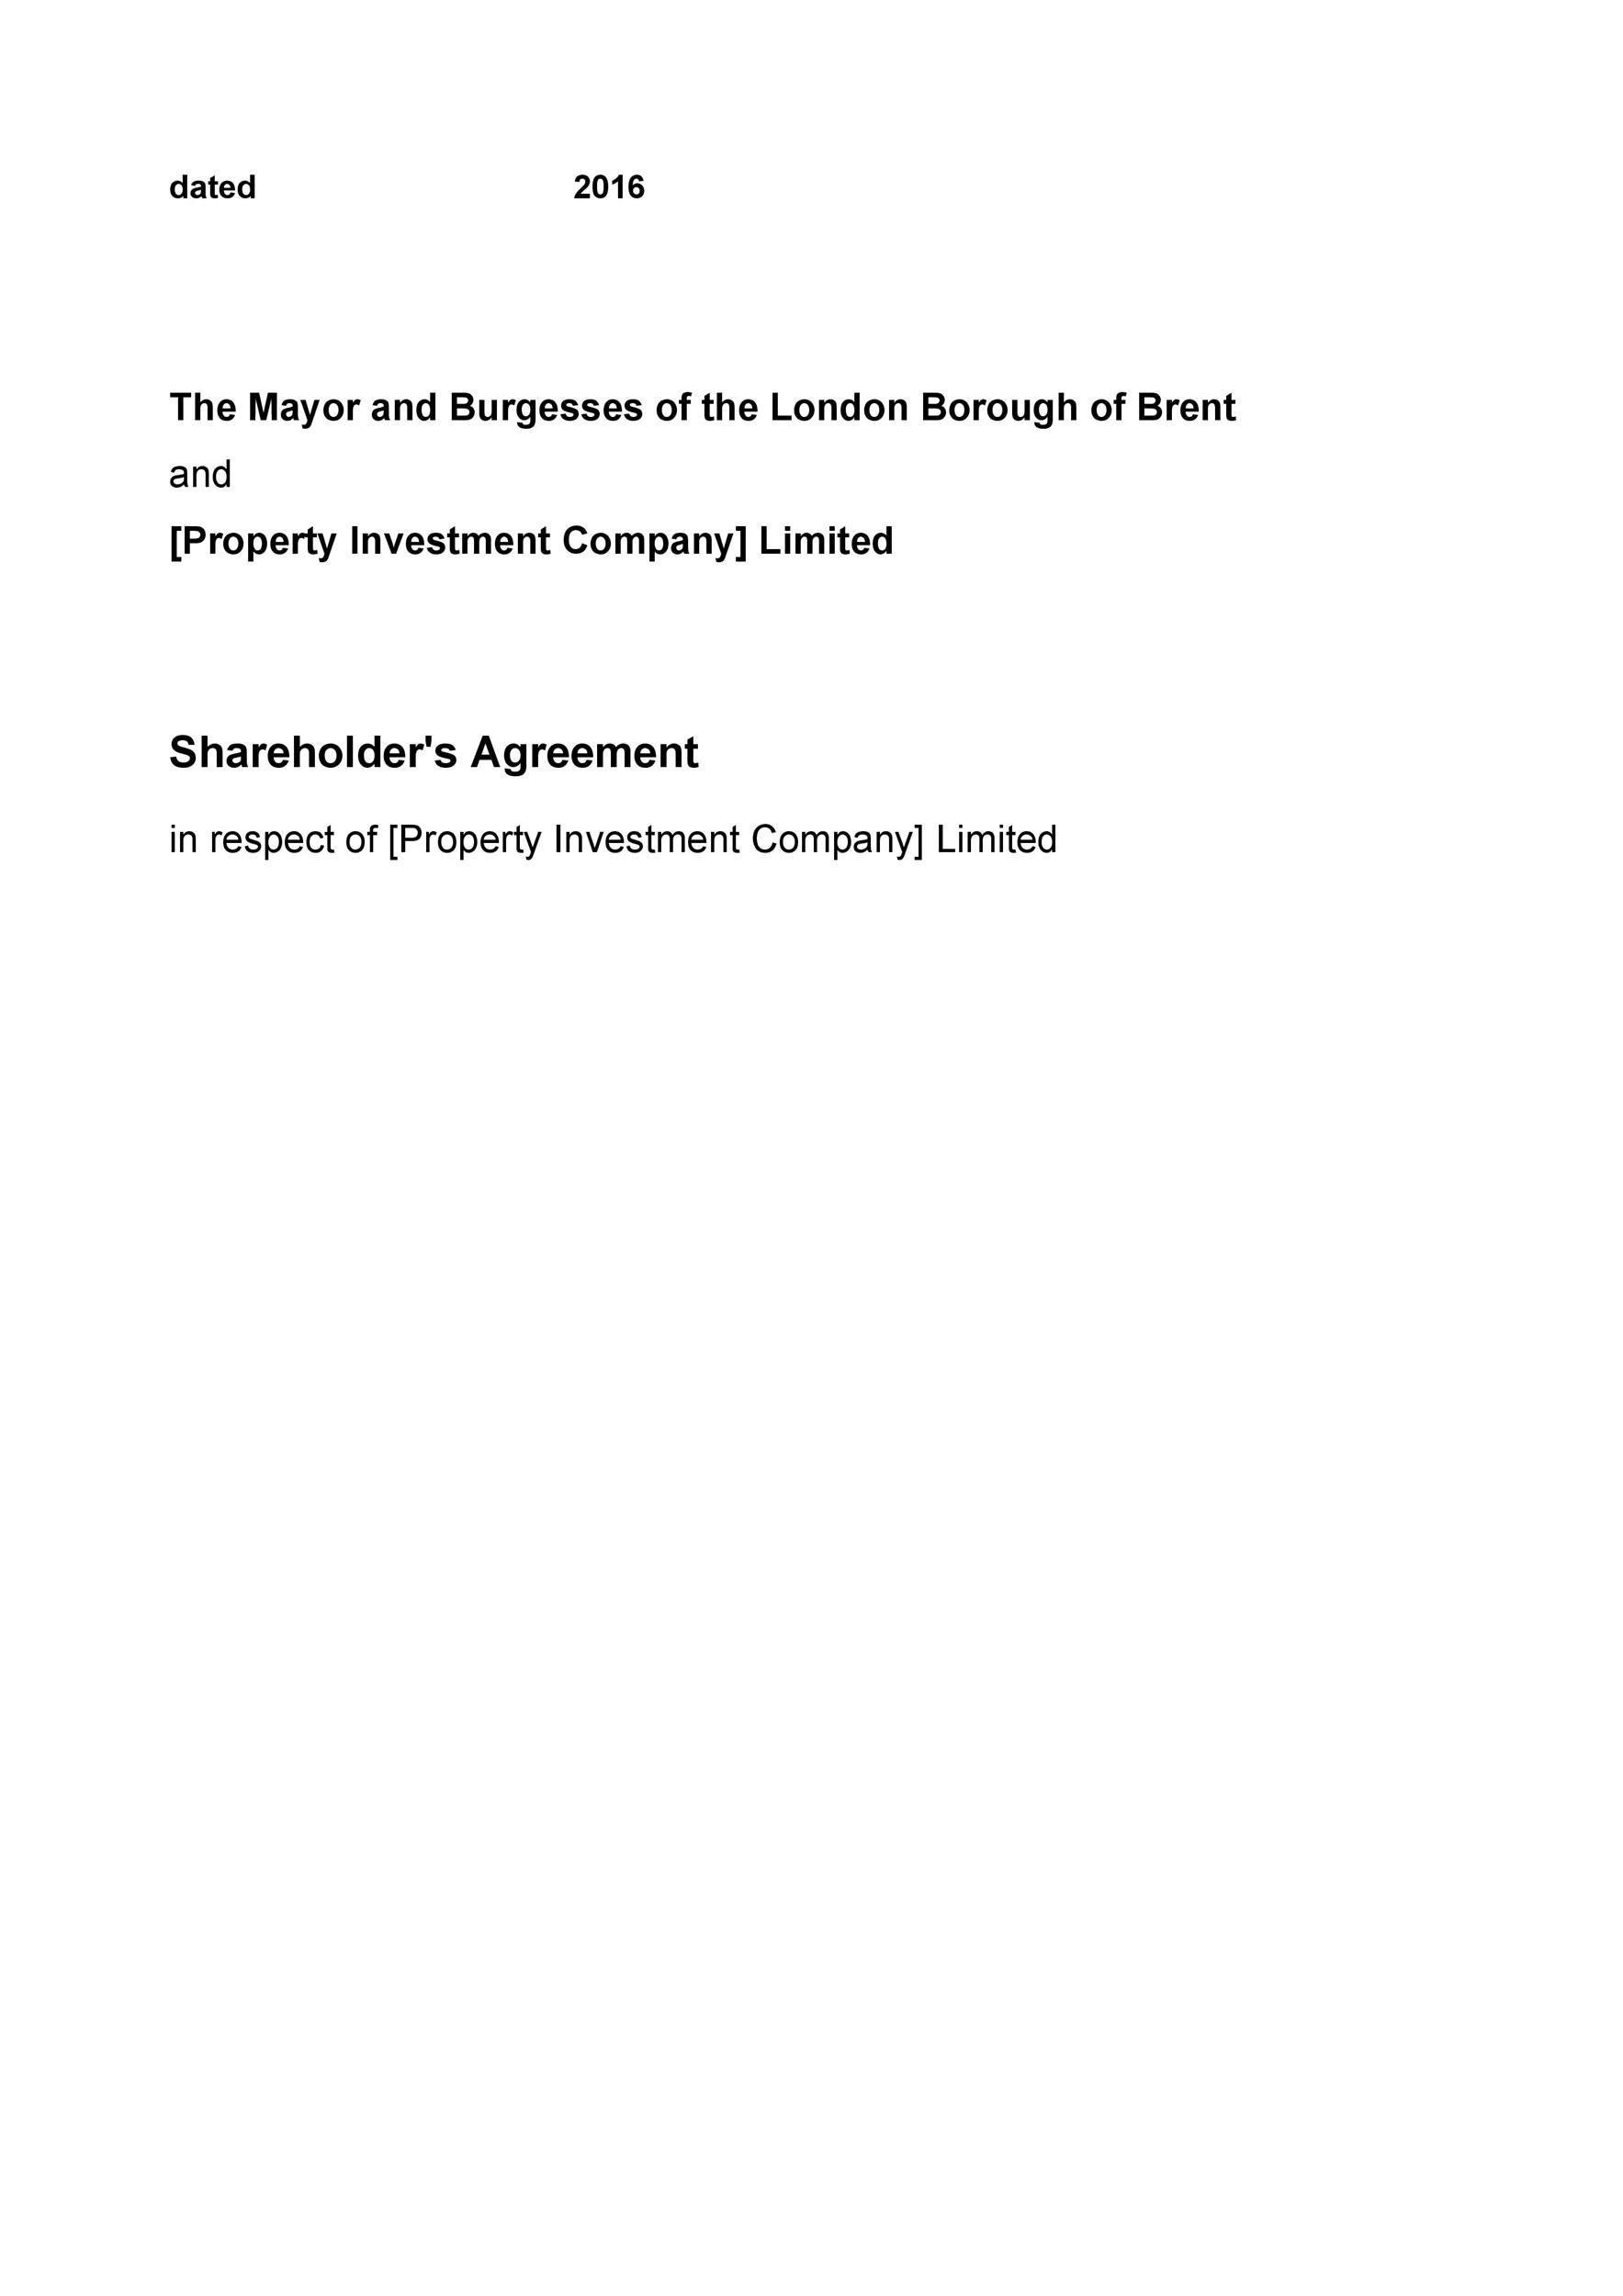 Free shareholder agreement 36